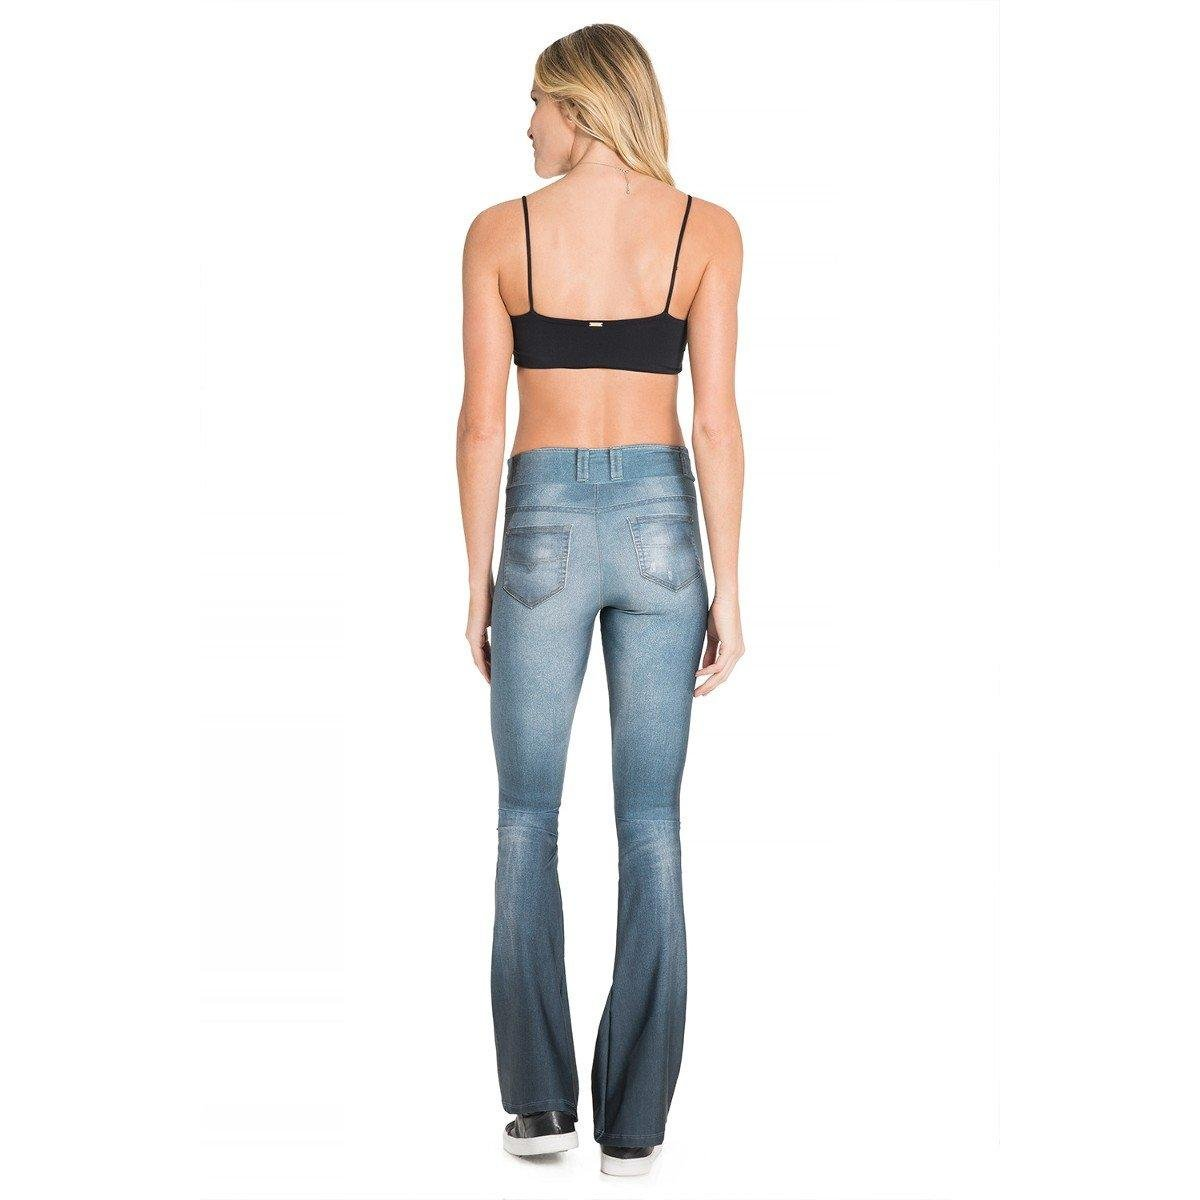 Calça Casual Calça Jeans Denim Live Live Jeans Flare XRq4qn8